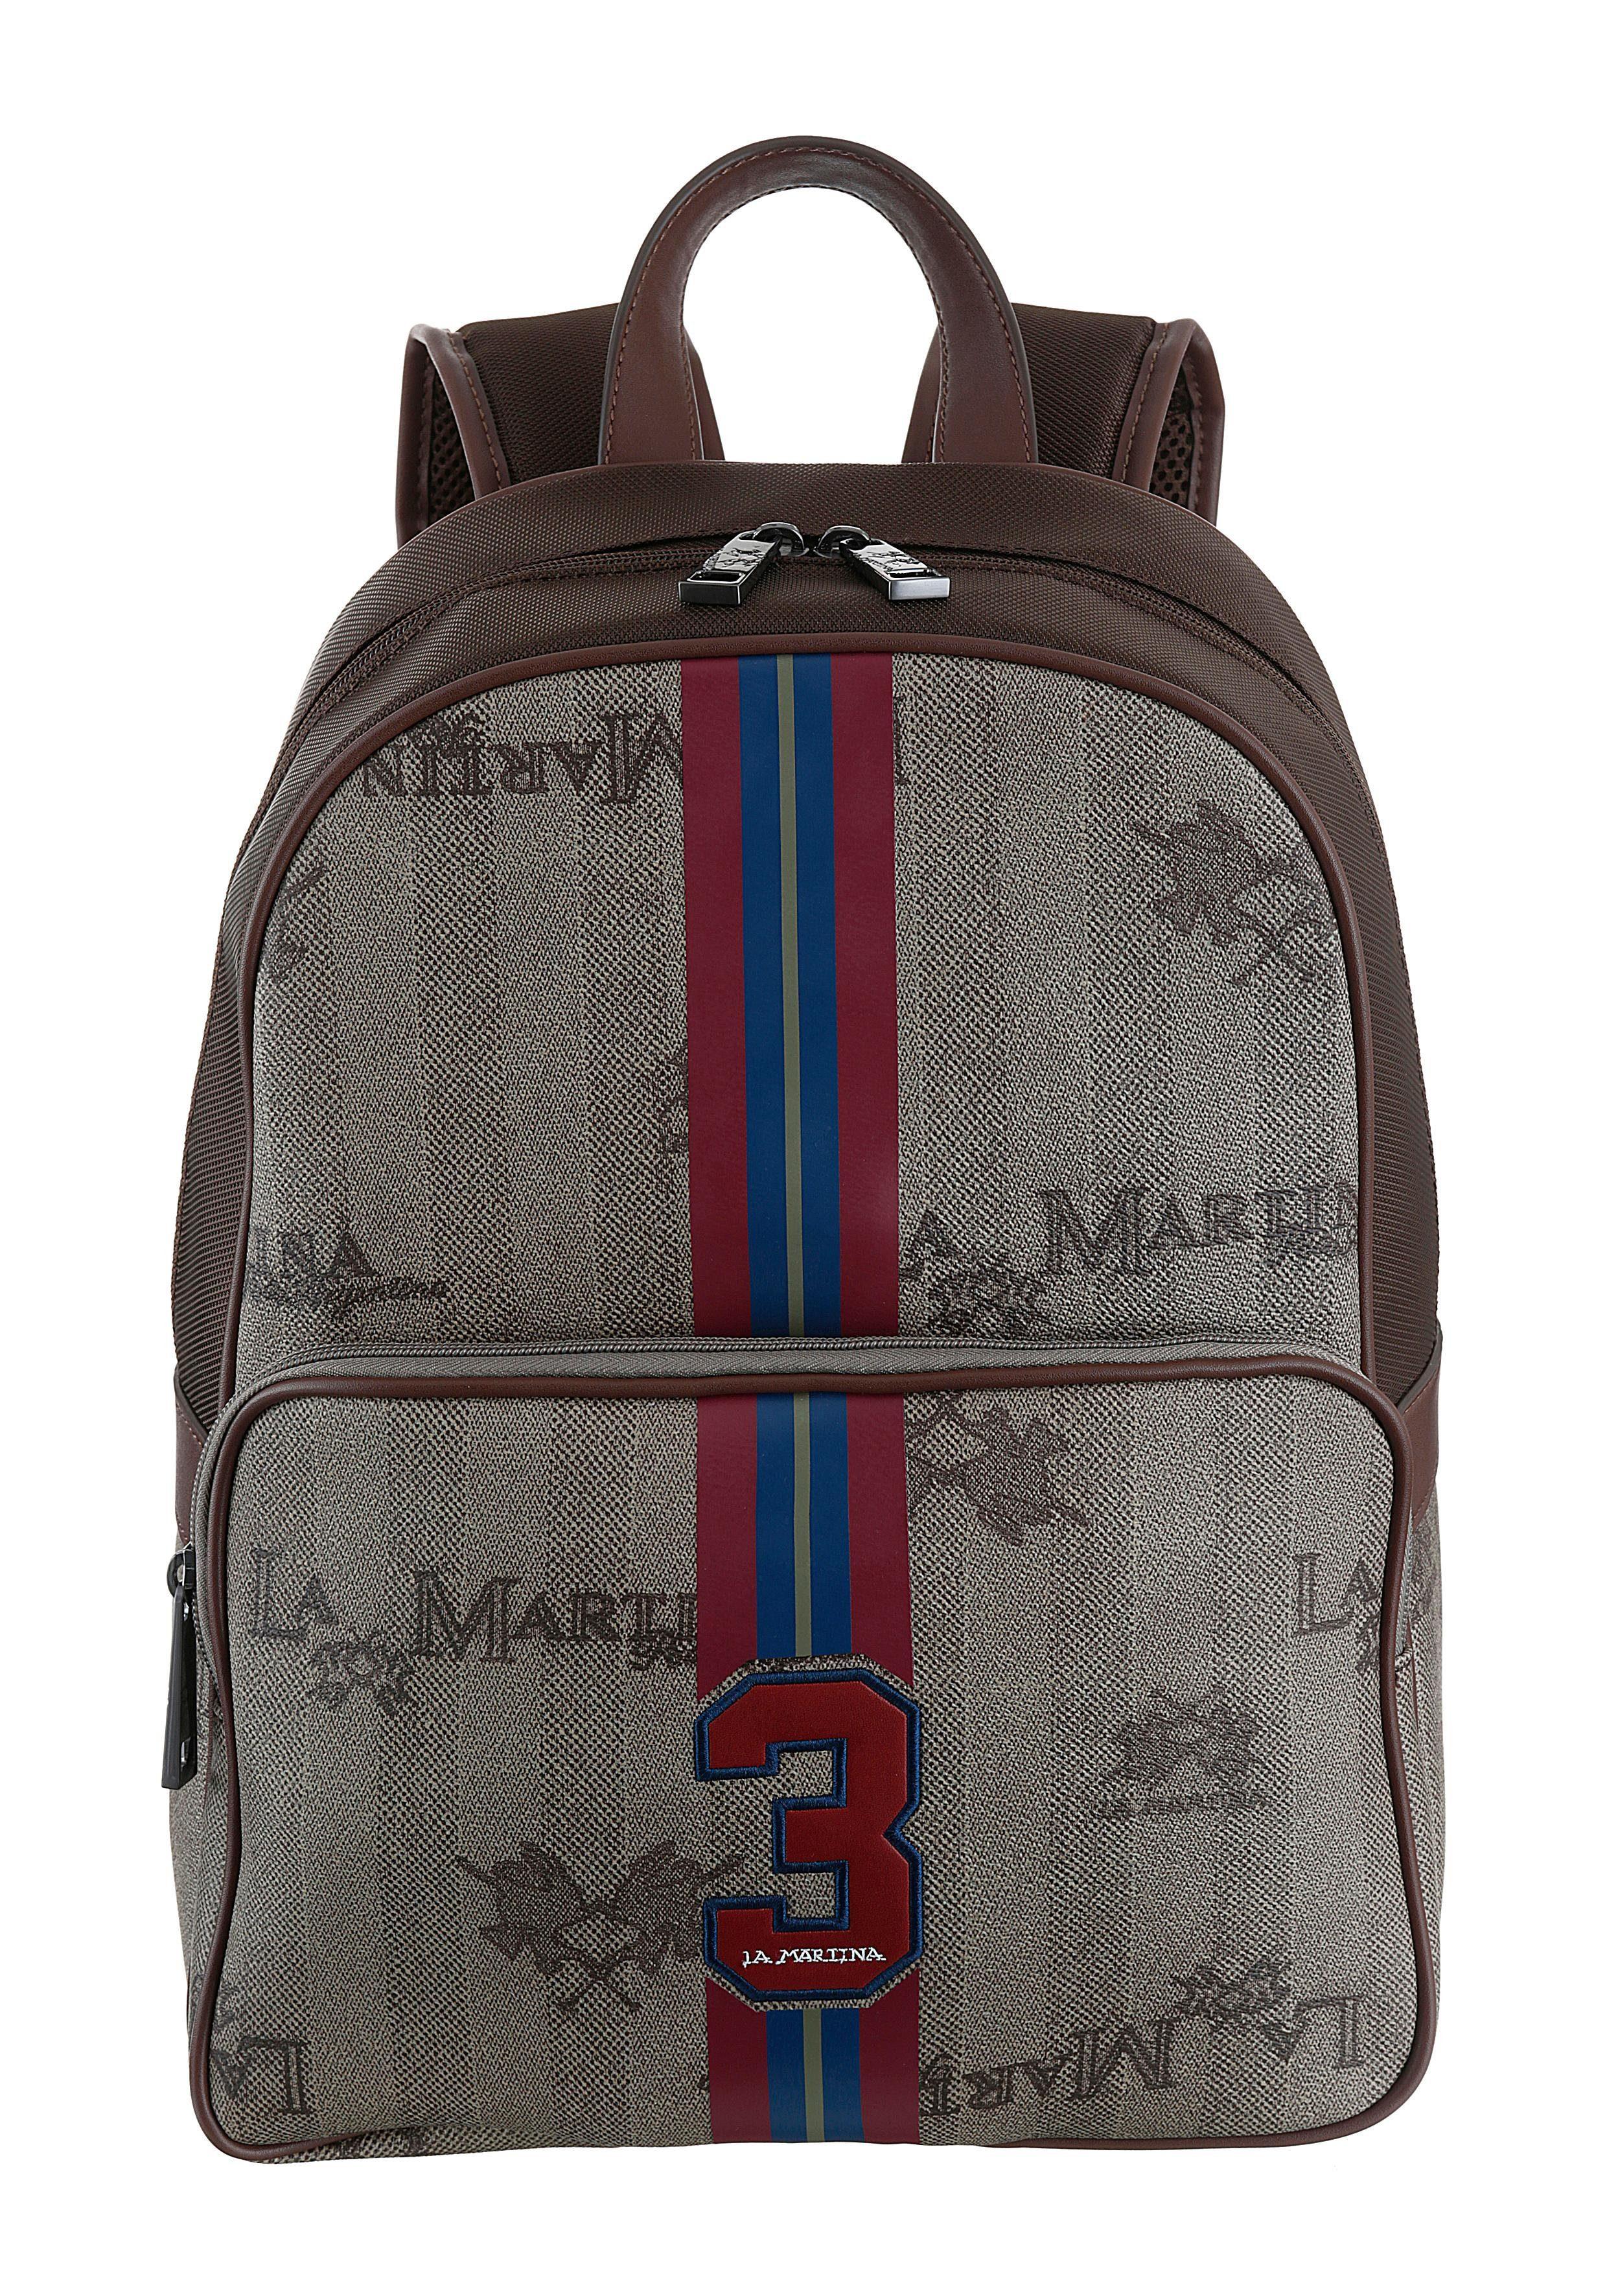 La Martina Cityrucksack, mit gepolstertem Rücken und Schultergurte